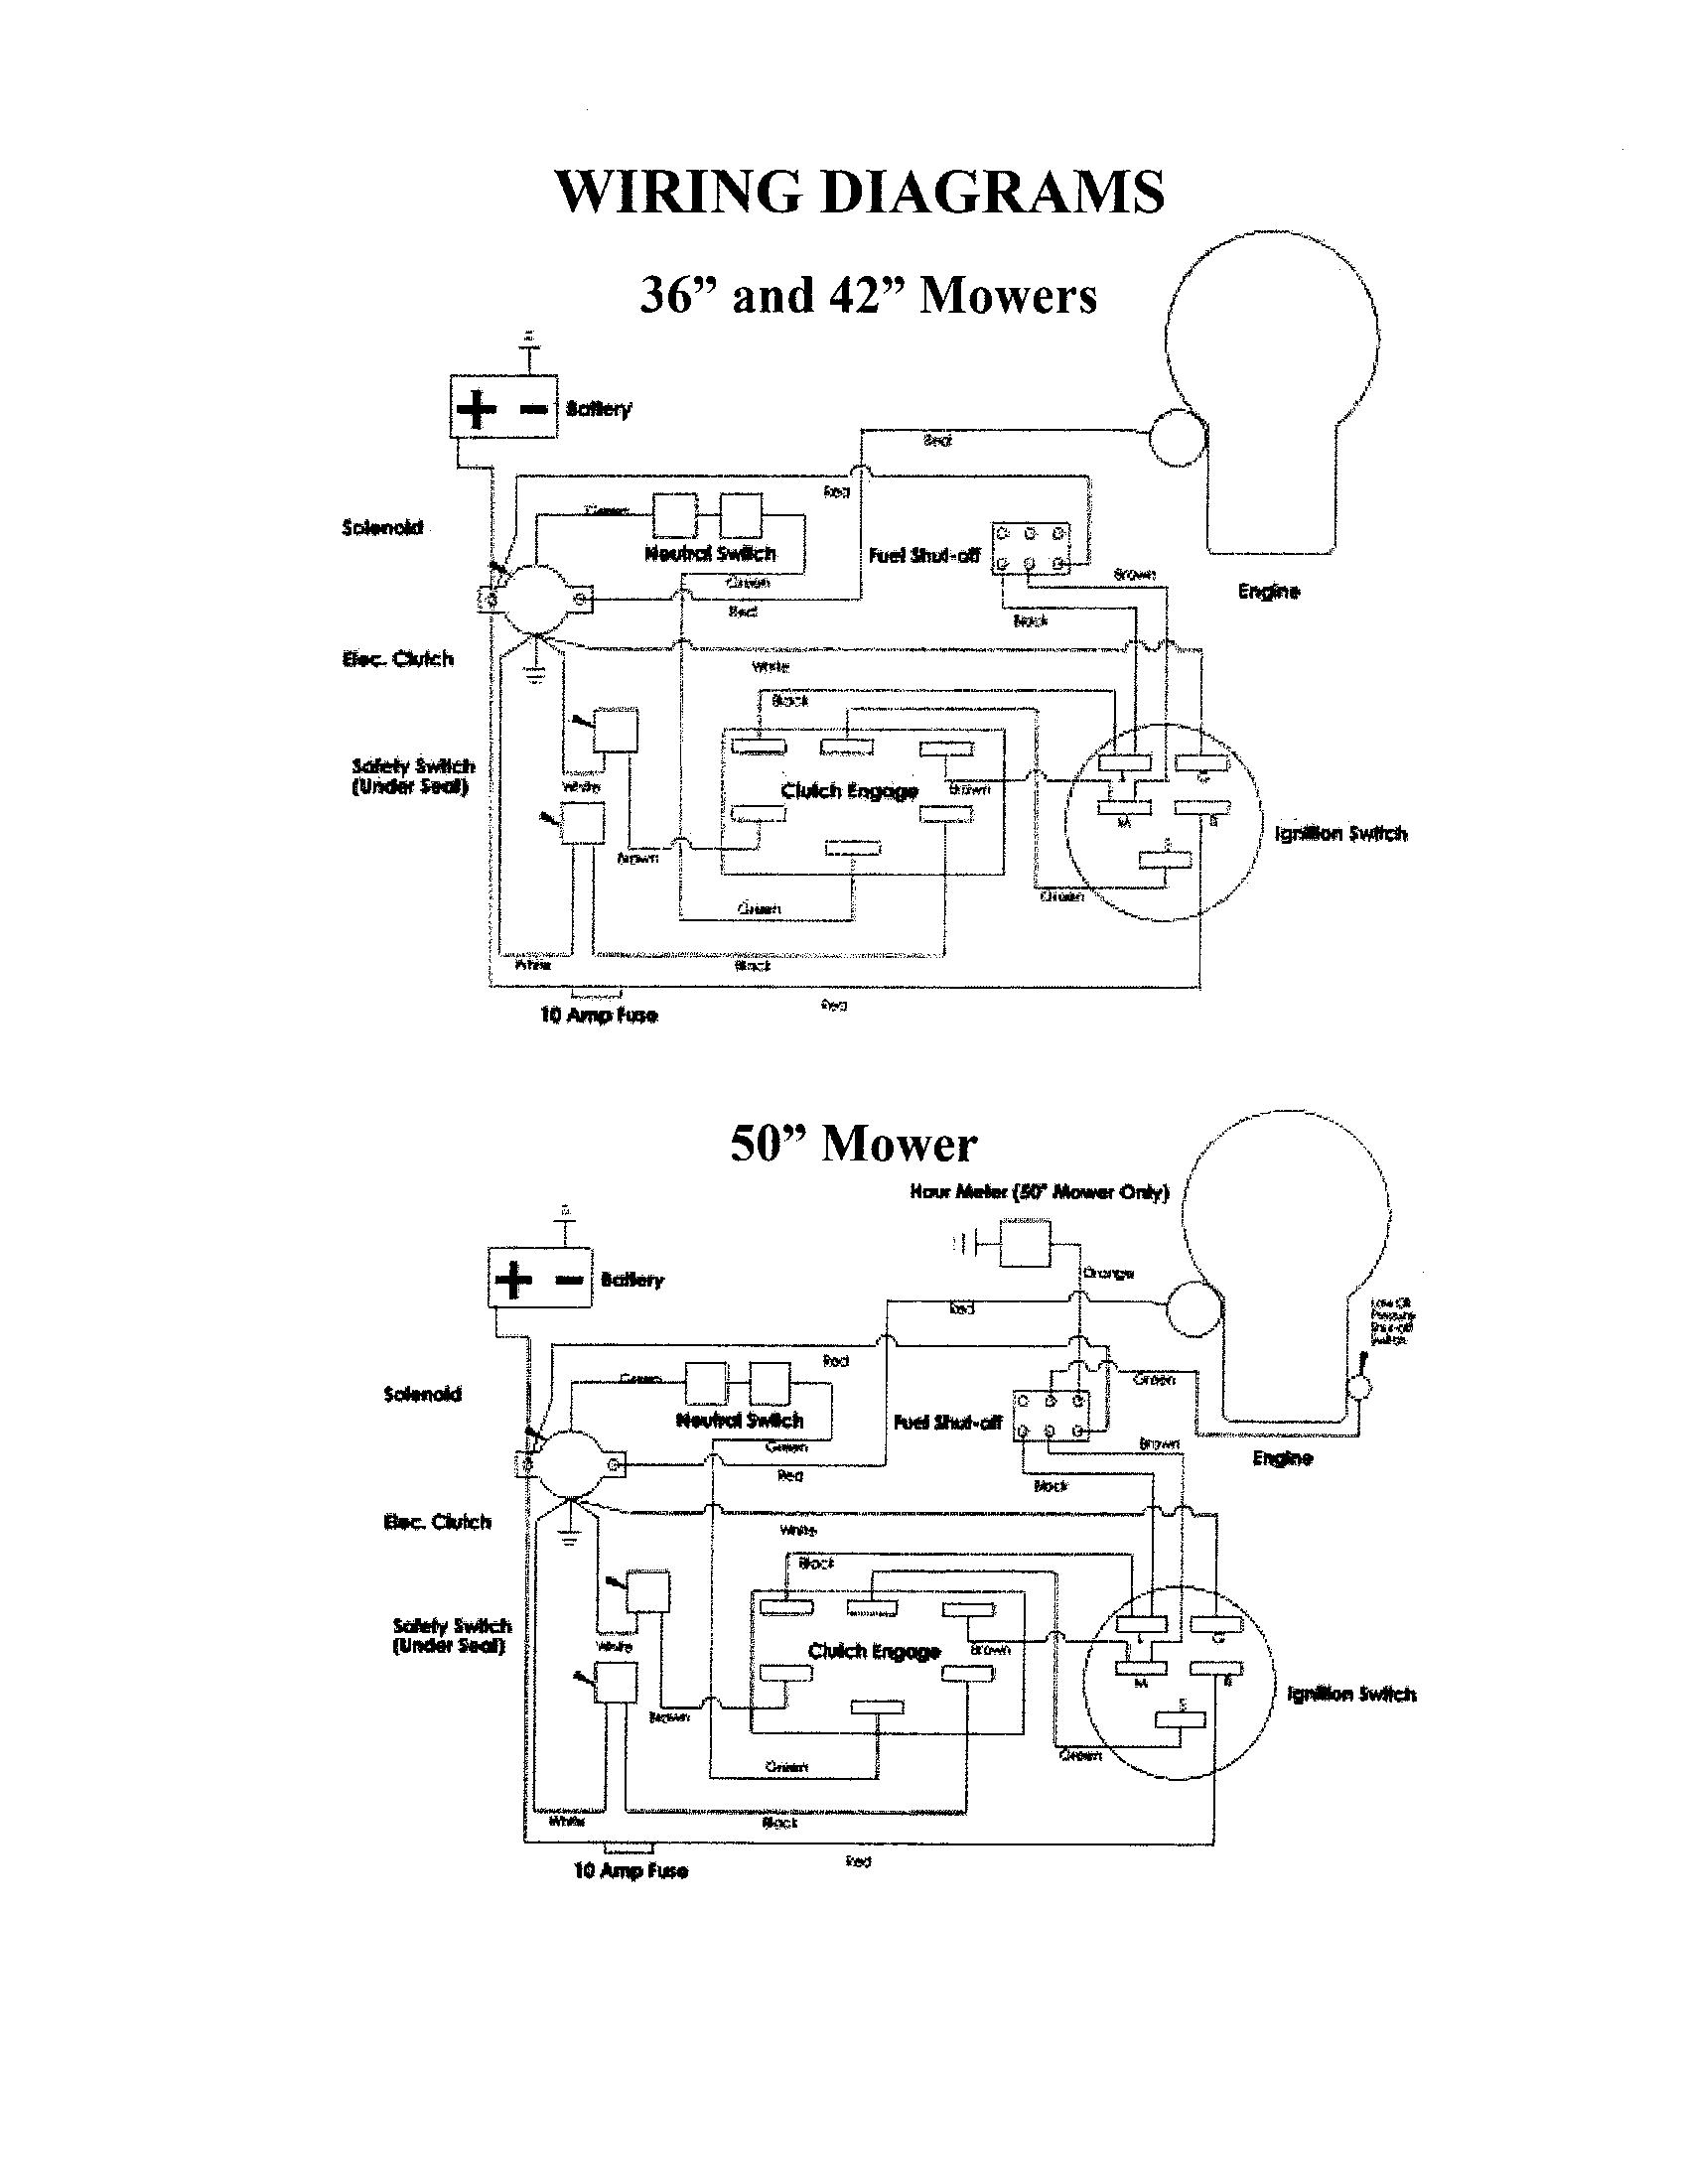 Swisher Mower Wiring Diagram. Wiring. Wiring Diagram Images